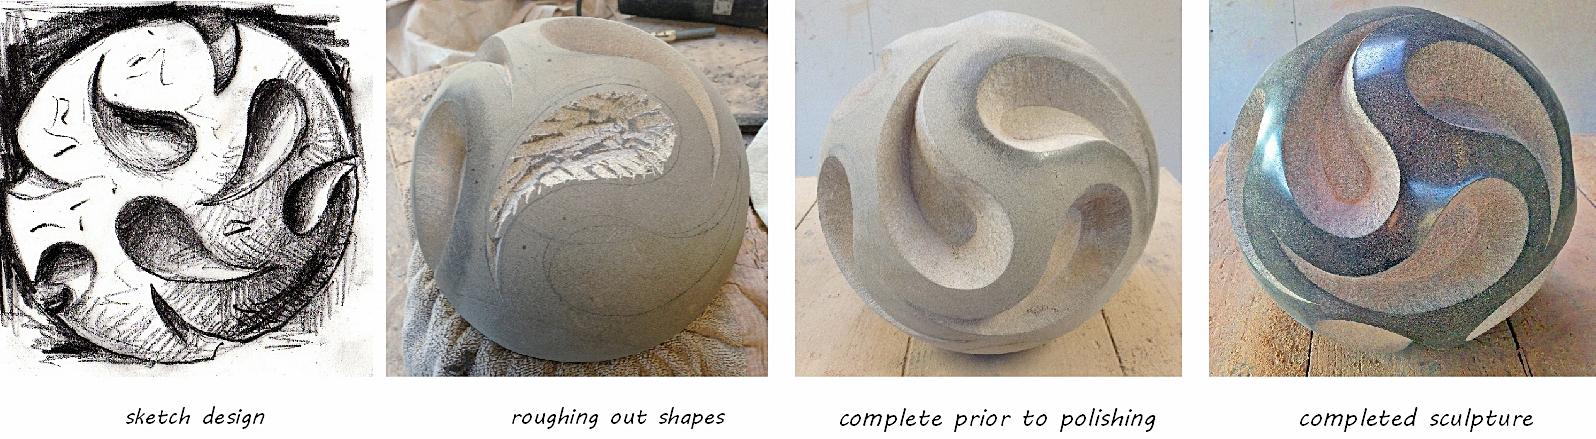 sphere titles 3